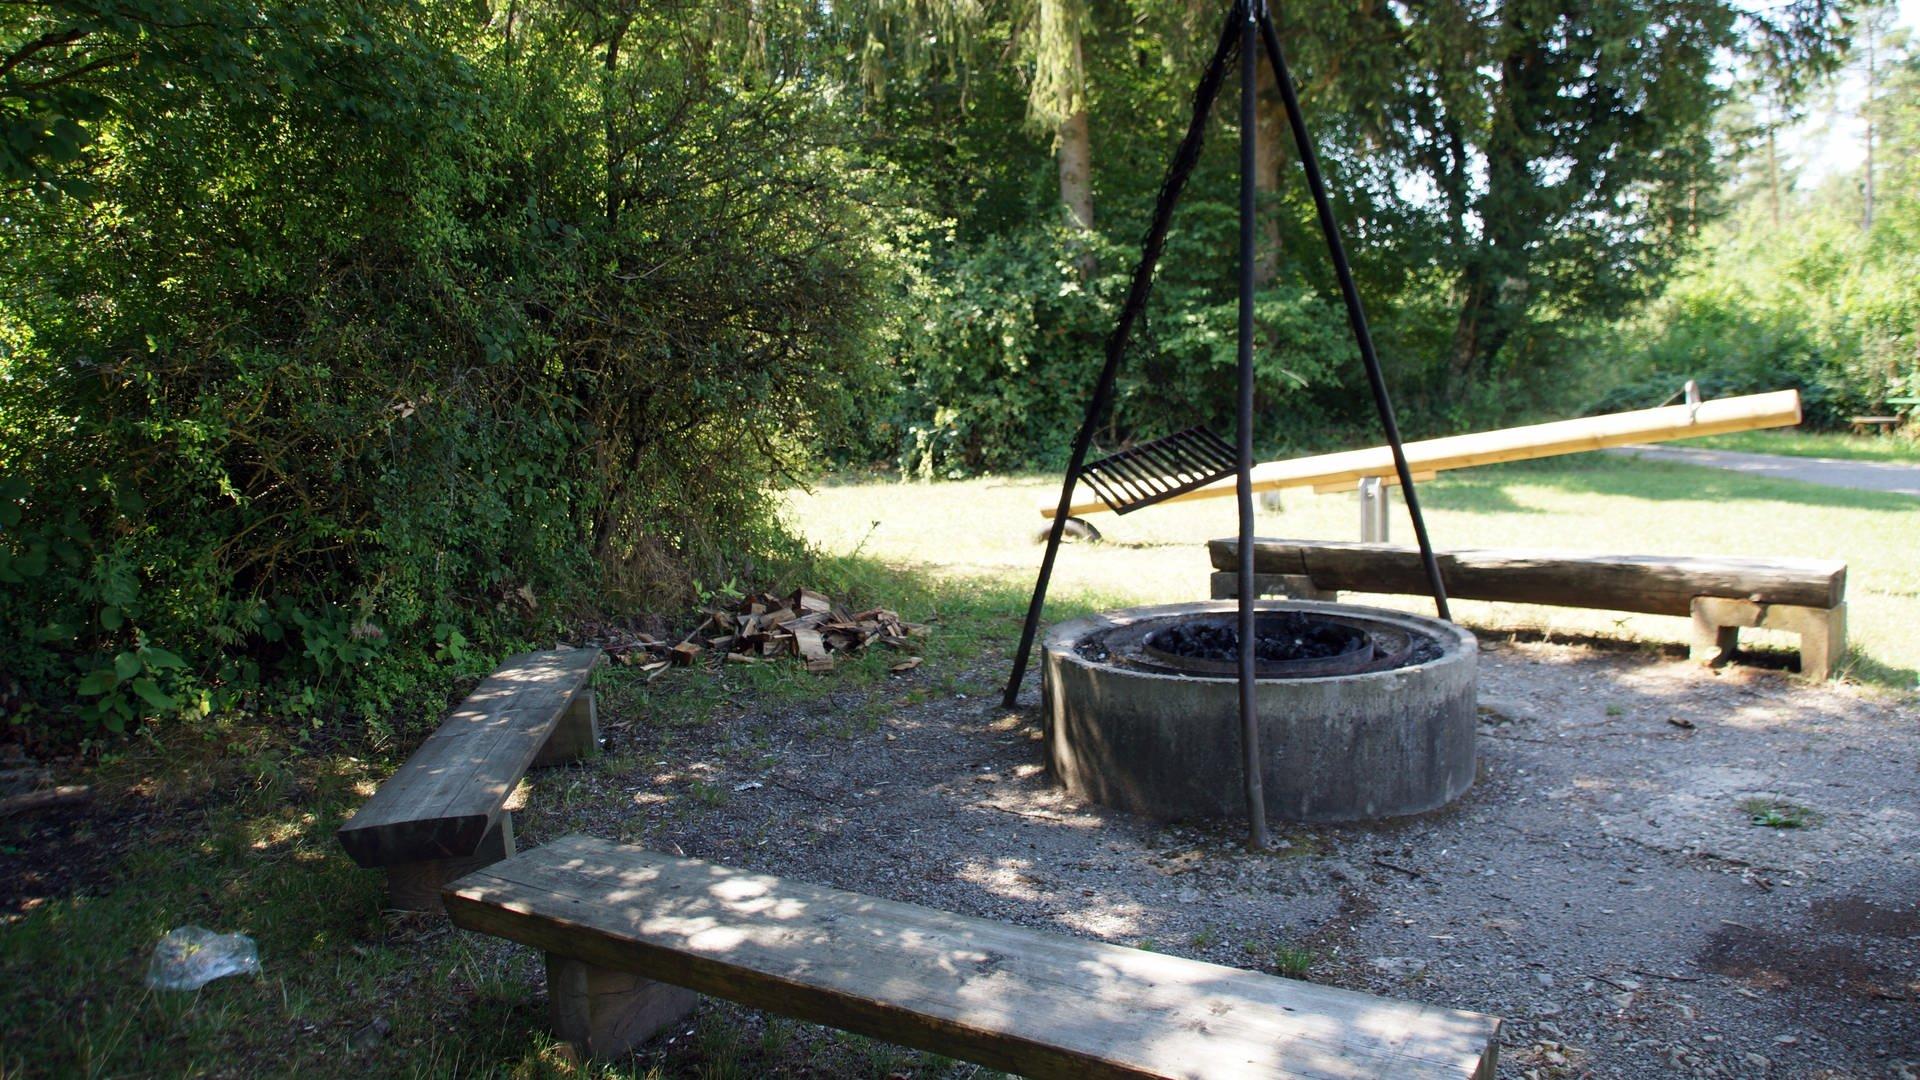 Eine Grillstelle im Wald mit hängendem Rost über betongefasster Feuerstelle.